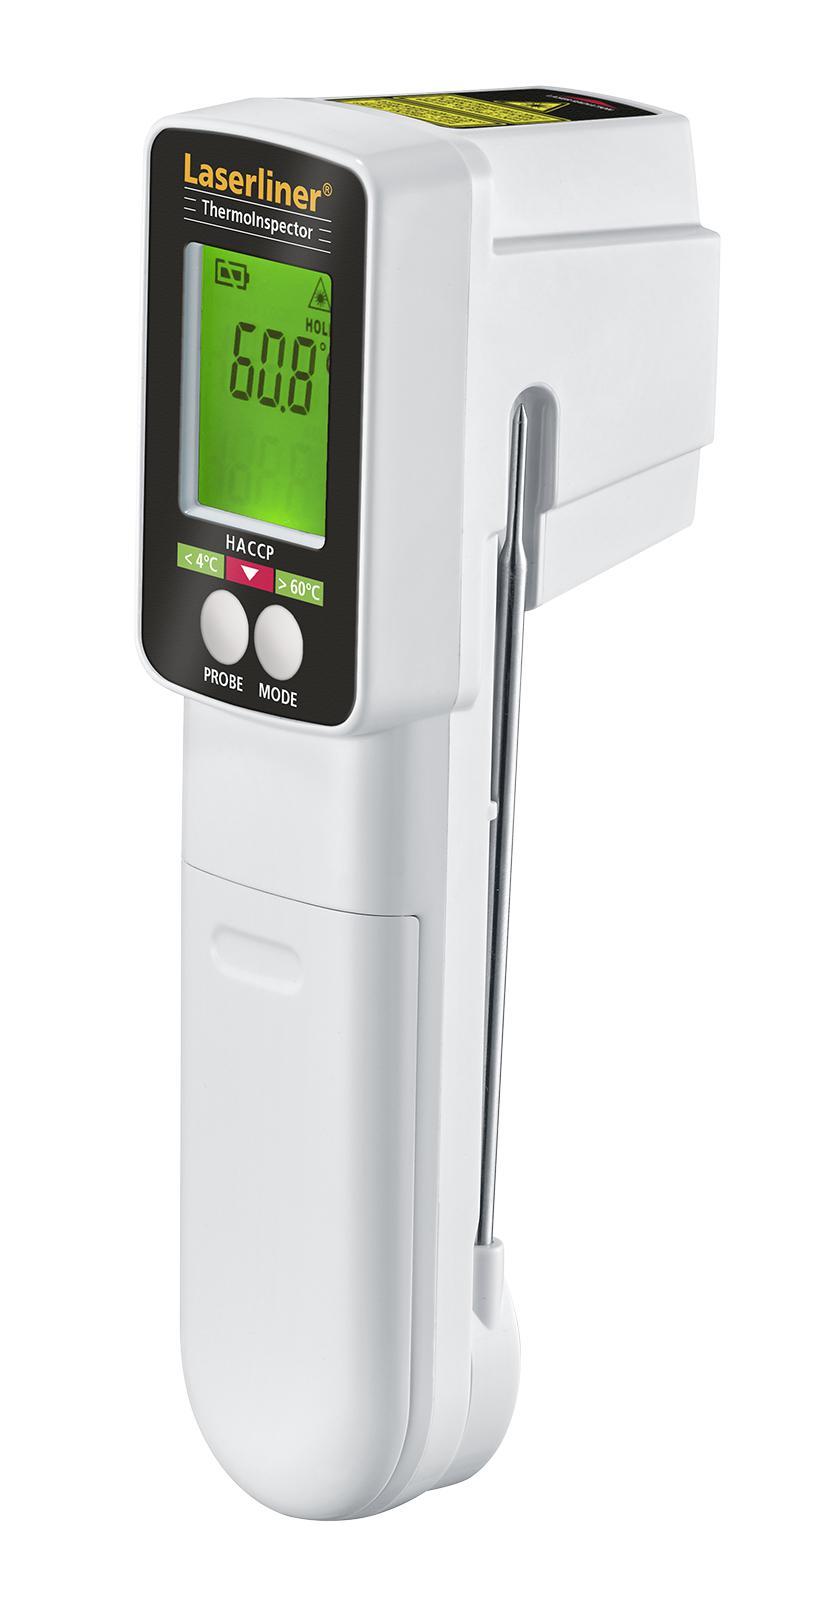 Термометр Laserliner Thermoinspector айрис пресс карточки развиваем воображение и речь 3